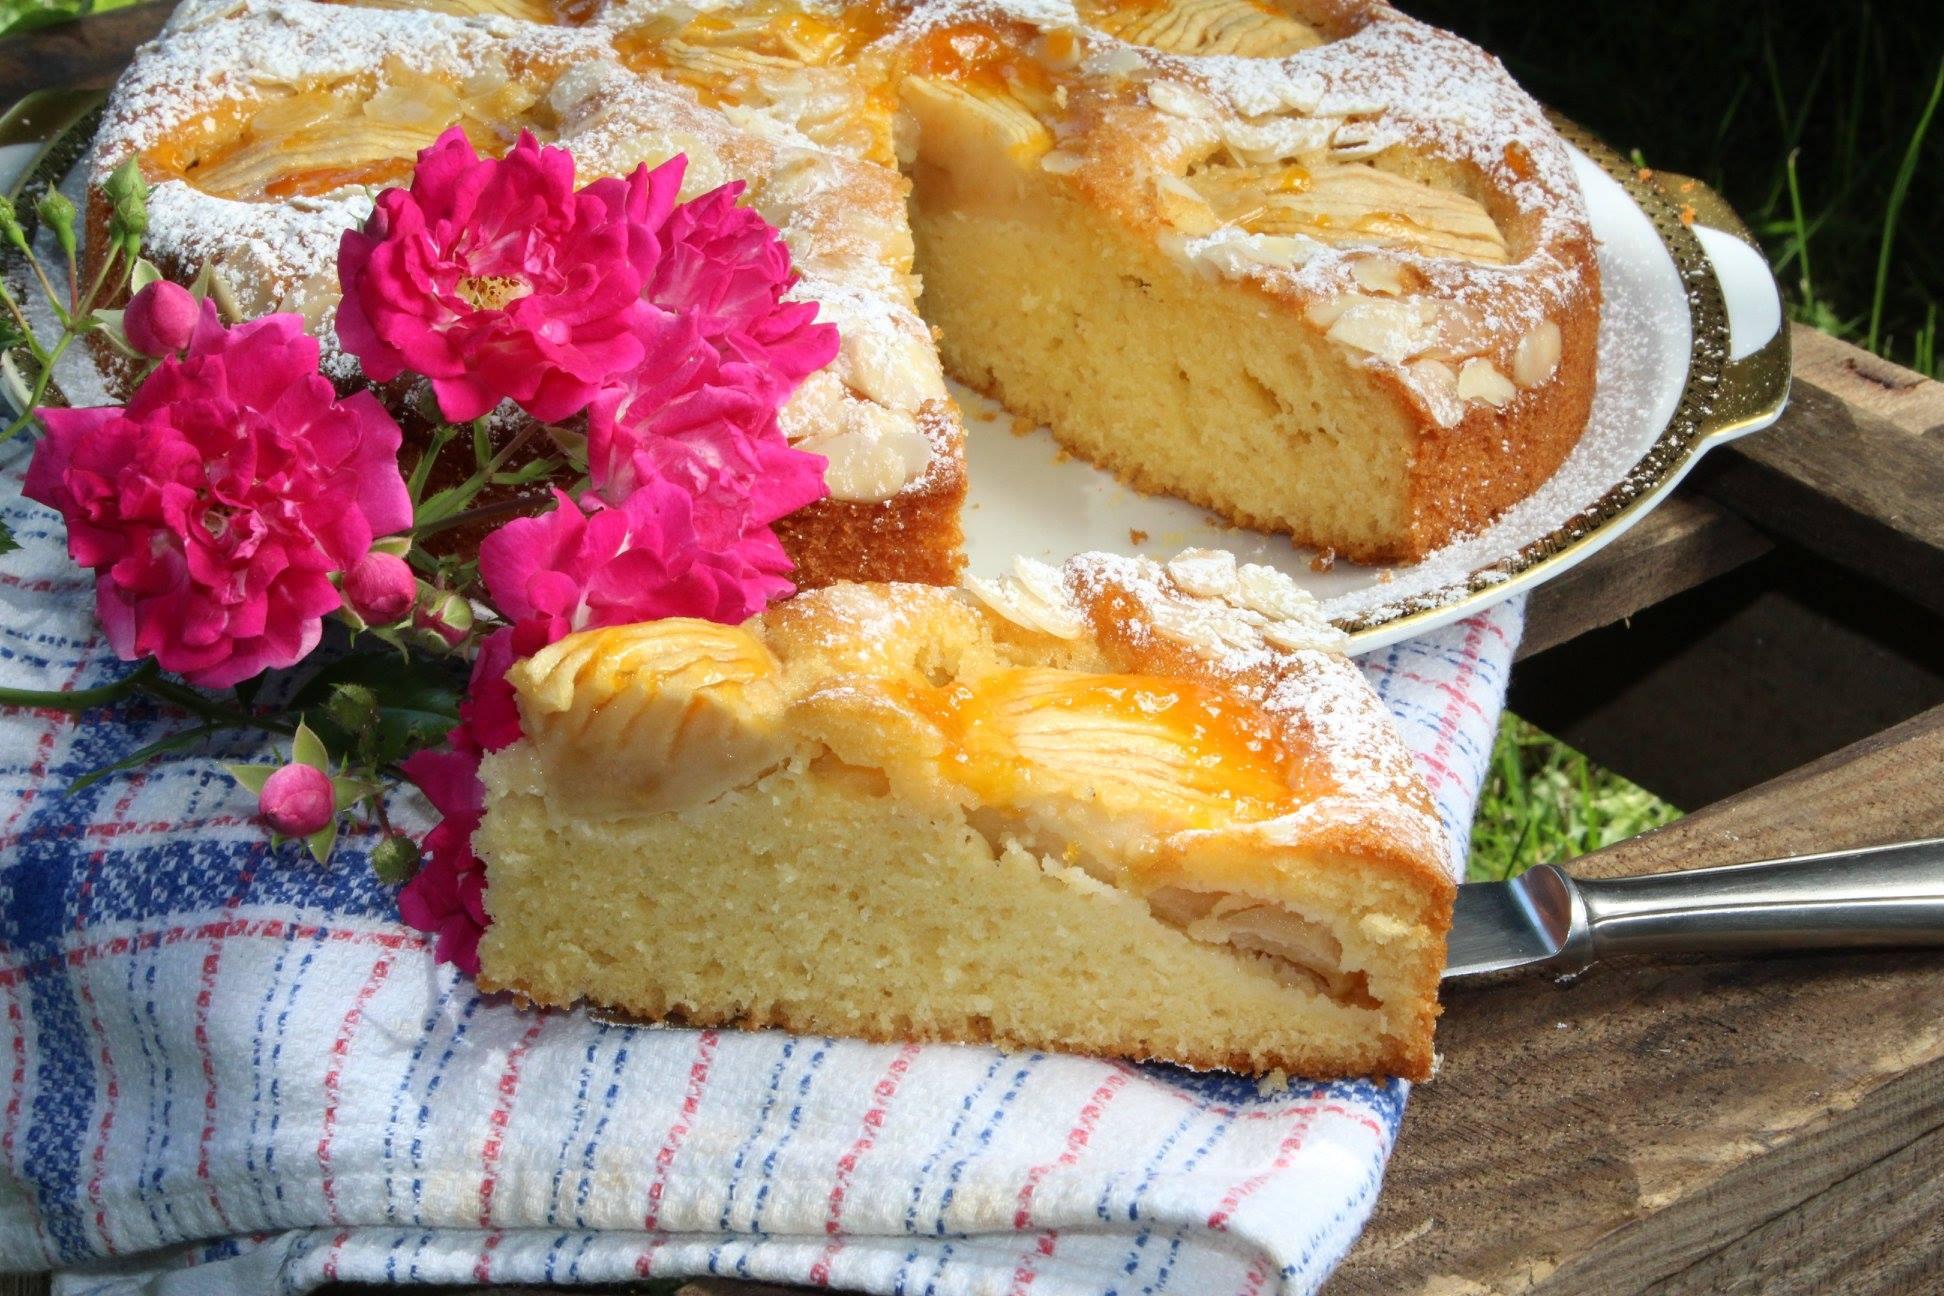 Da läuft einem das Wasser im Mund zusammen: selbstgebackener Apfelkuchen. fotografiert für das Kochbuch, blumig verziert.